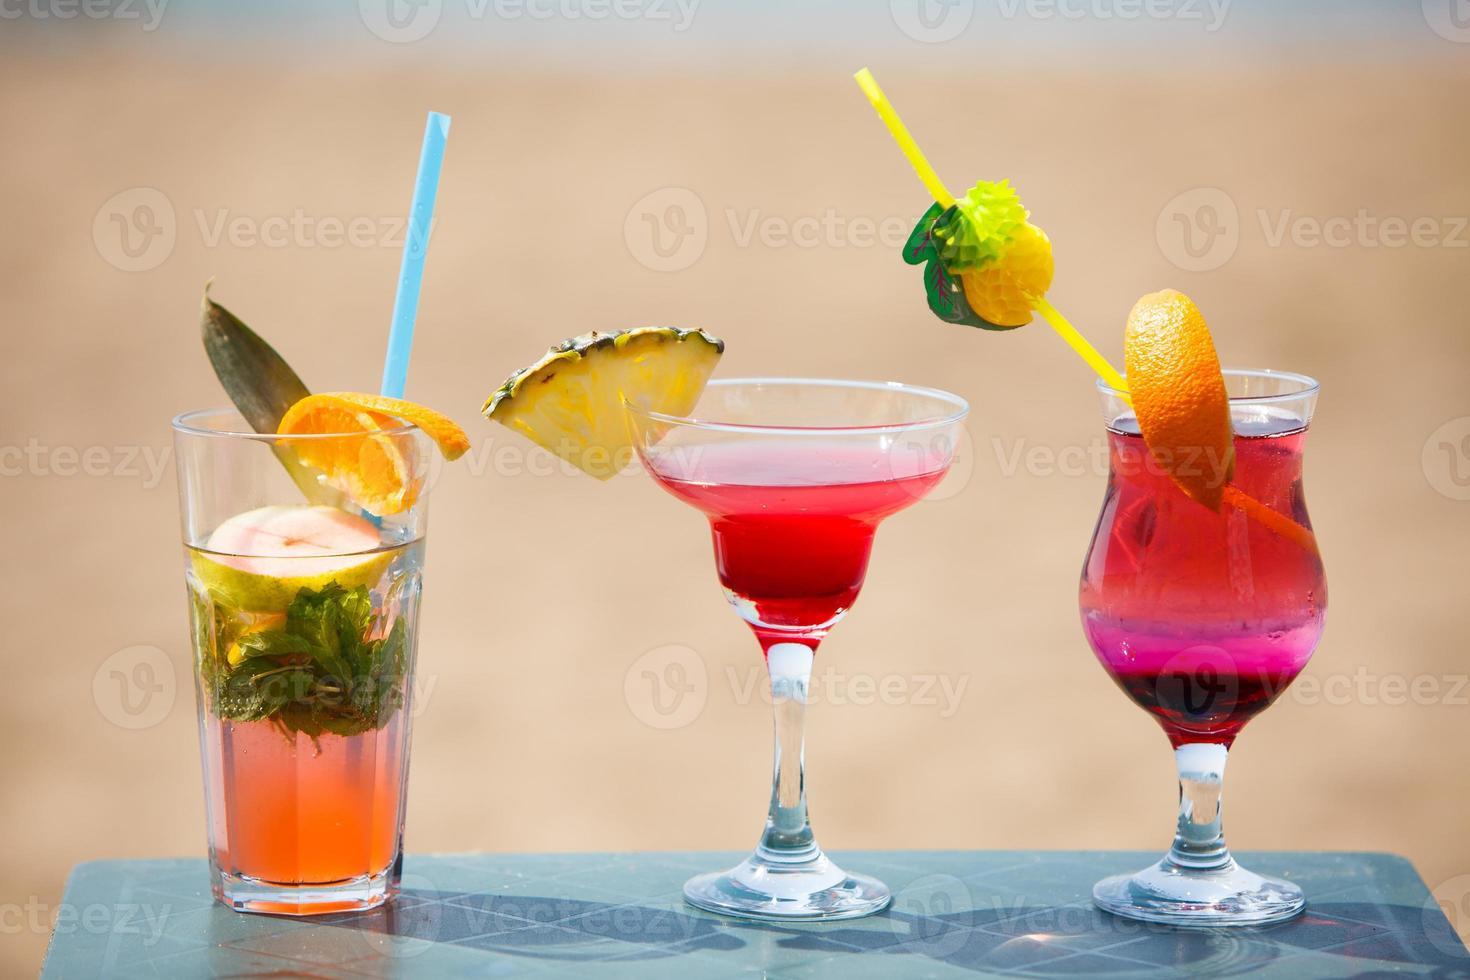 tre cocktails på bordet foto